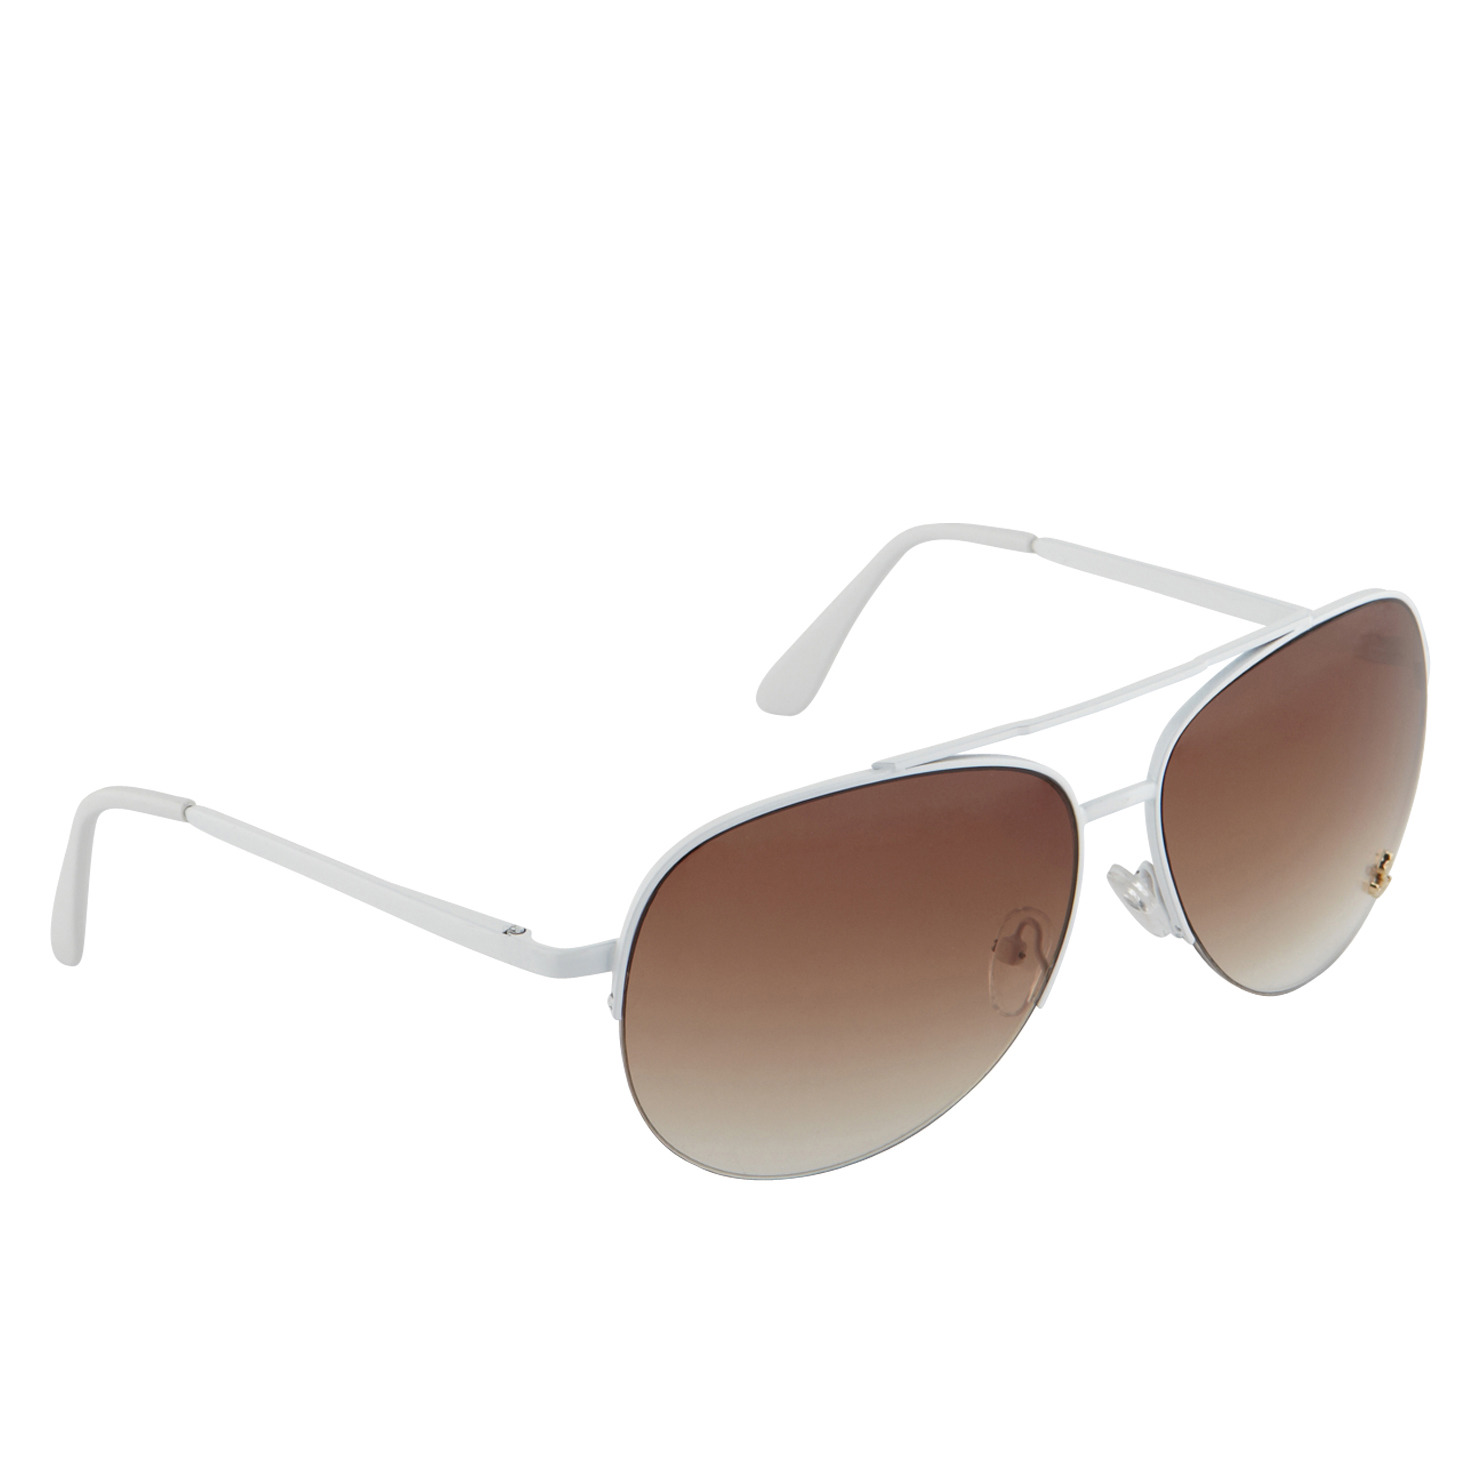 bc55a2af4606 ALDO Sunglasses in Brown for Men - Lyst